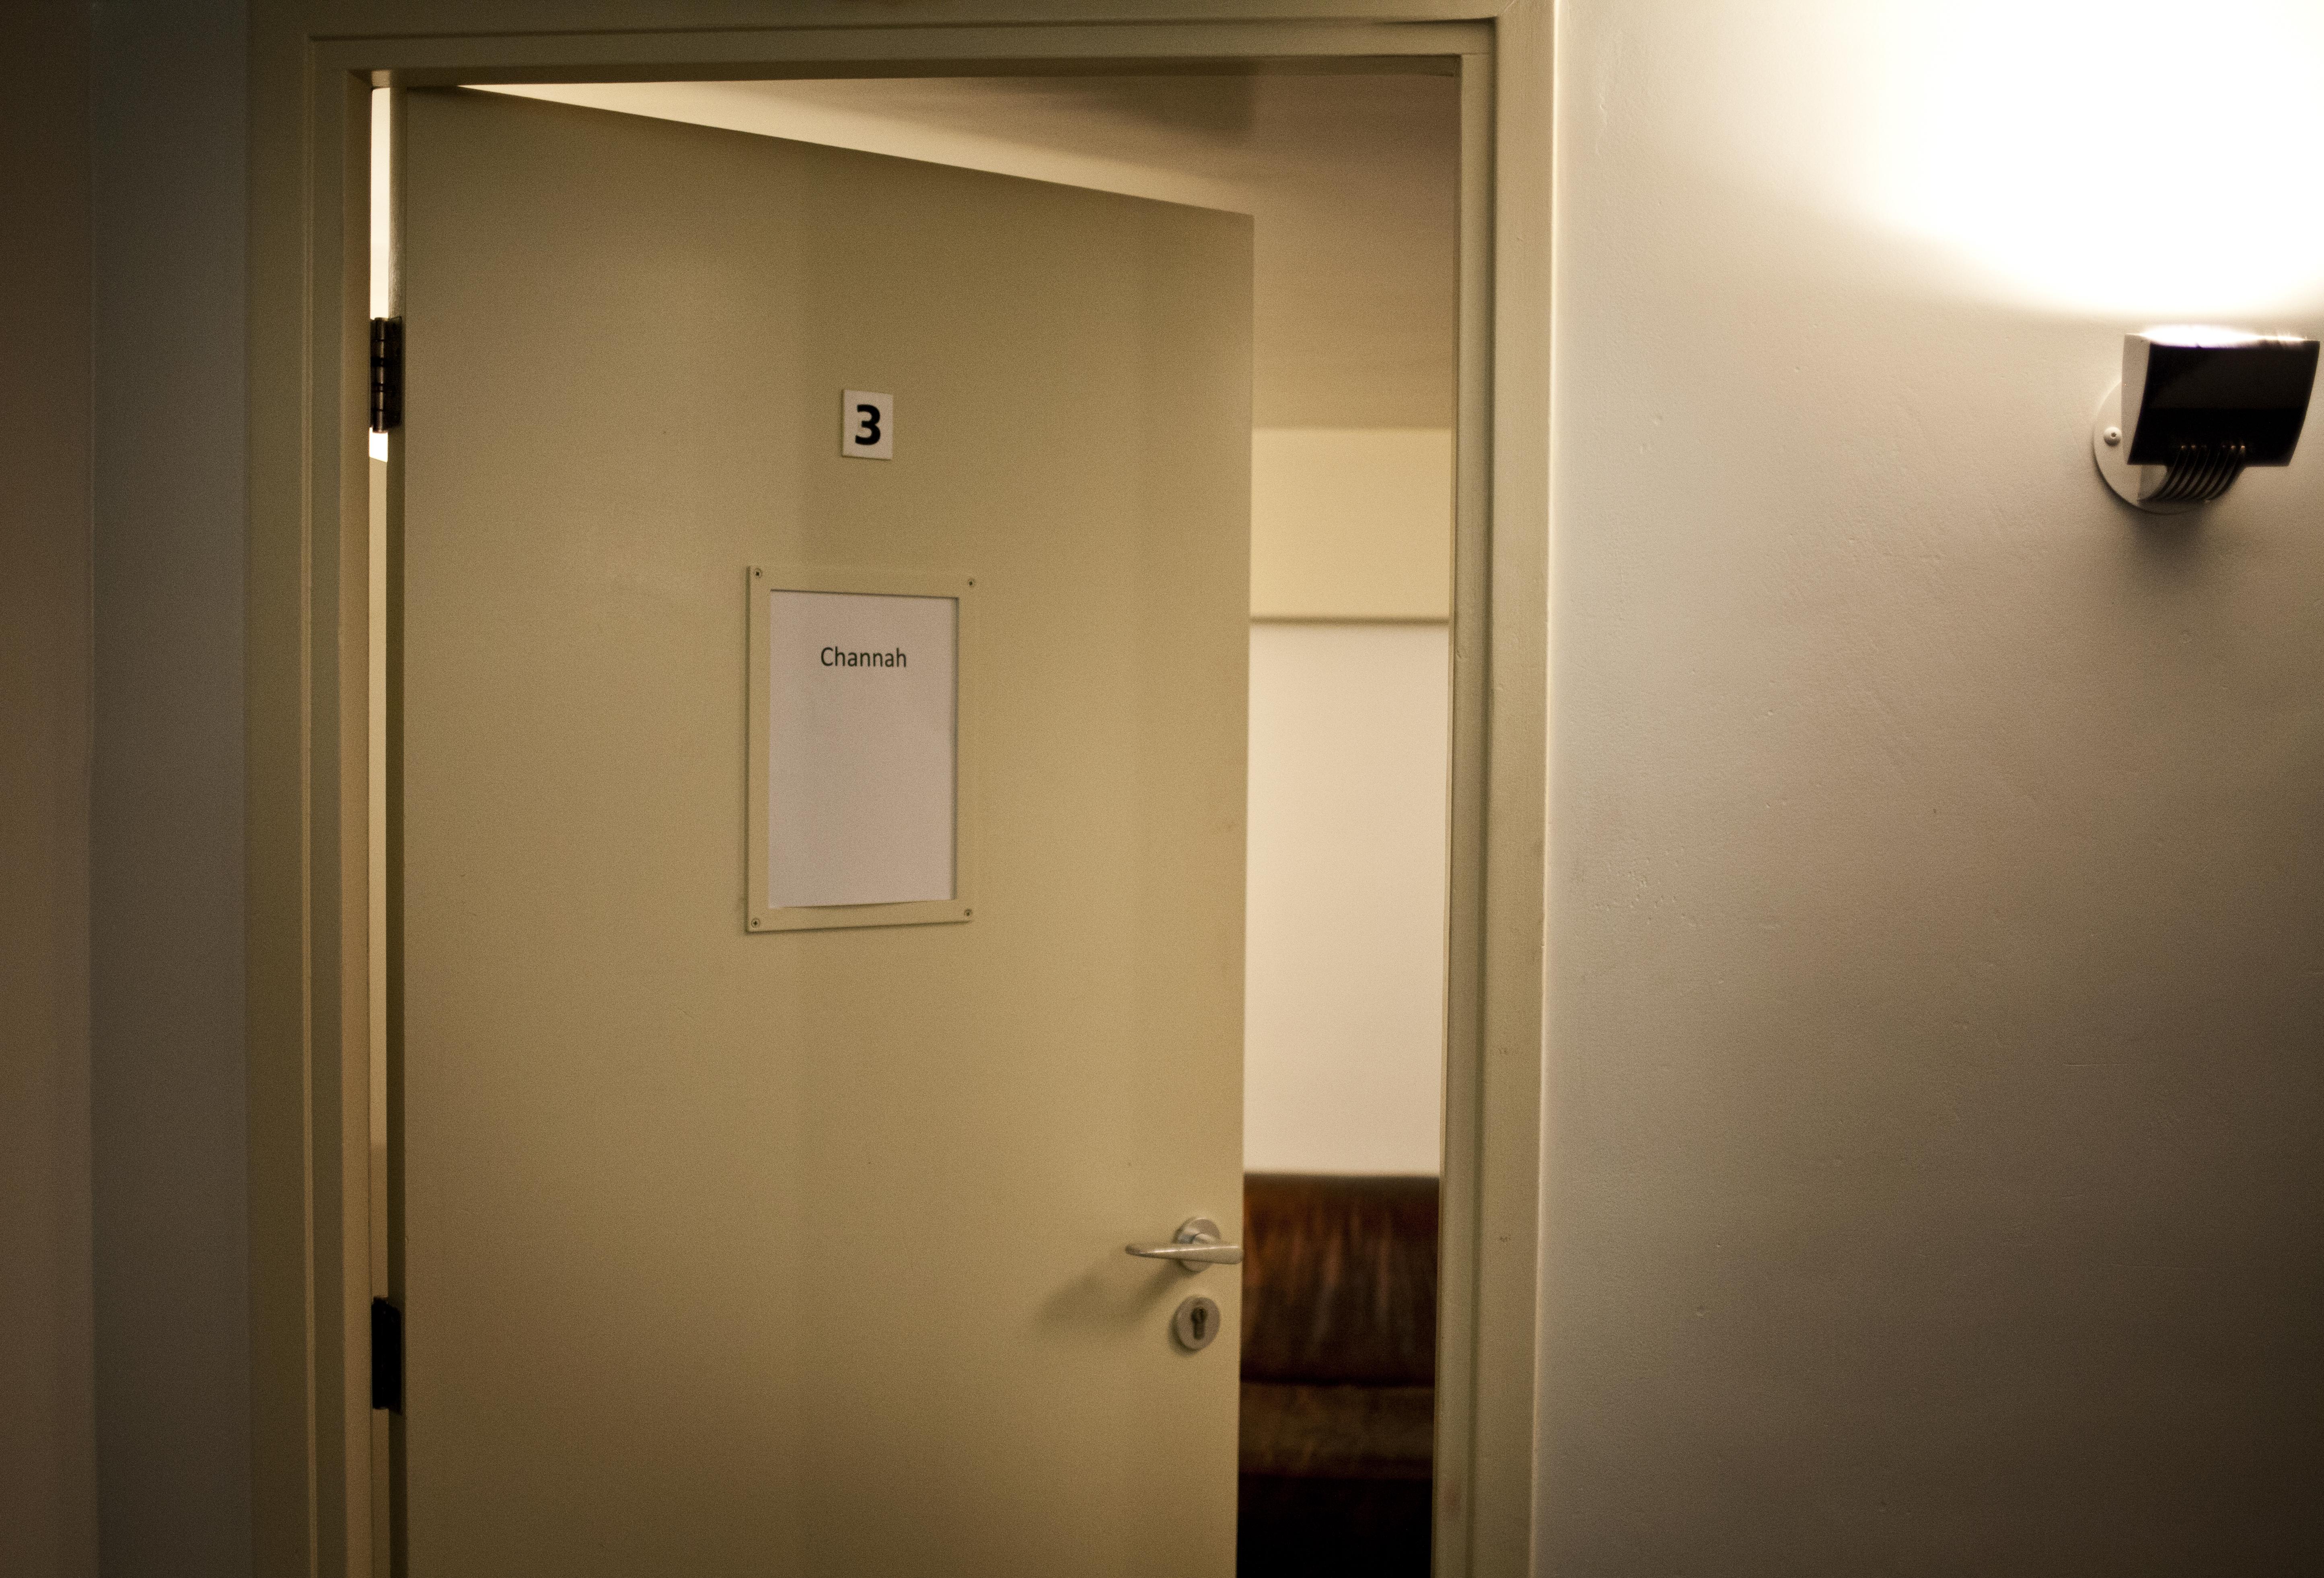 Onze kleedkamer! Hier waren we er nog niet...